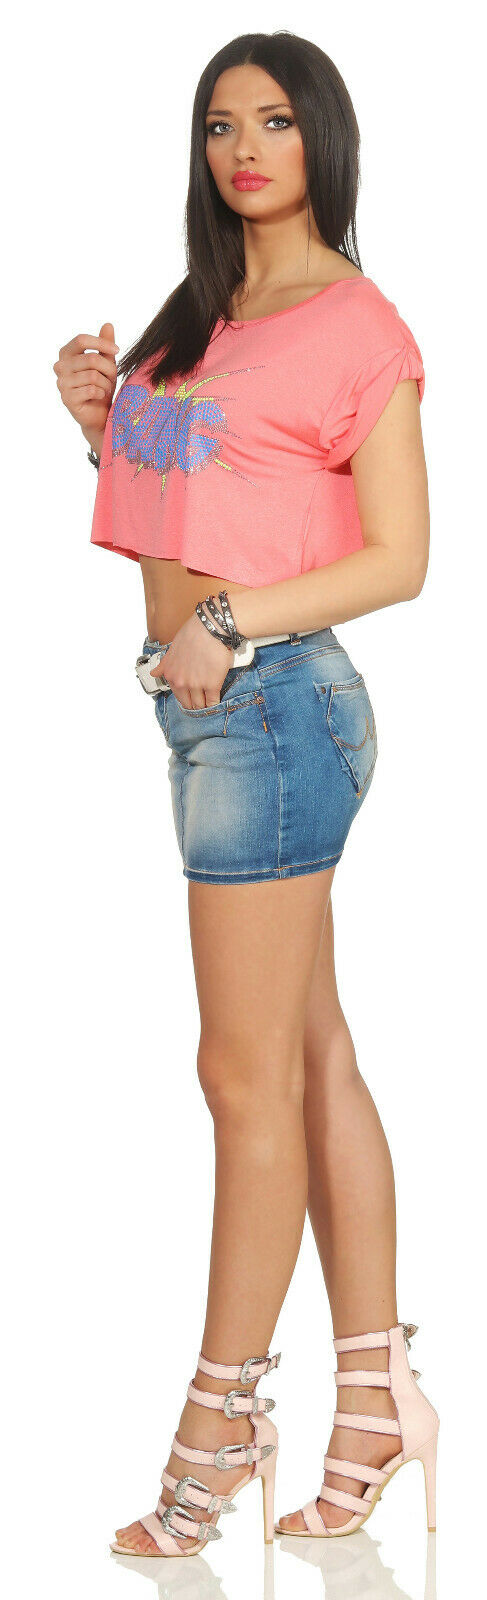 Damen Top Partyshirt Cropped Shirt Fitness Sporttop Bauchfrei Strass 36/38